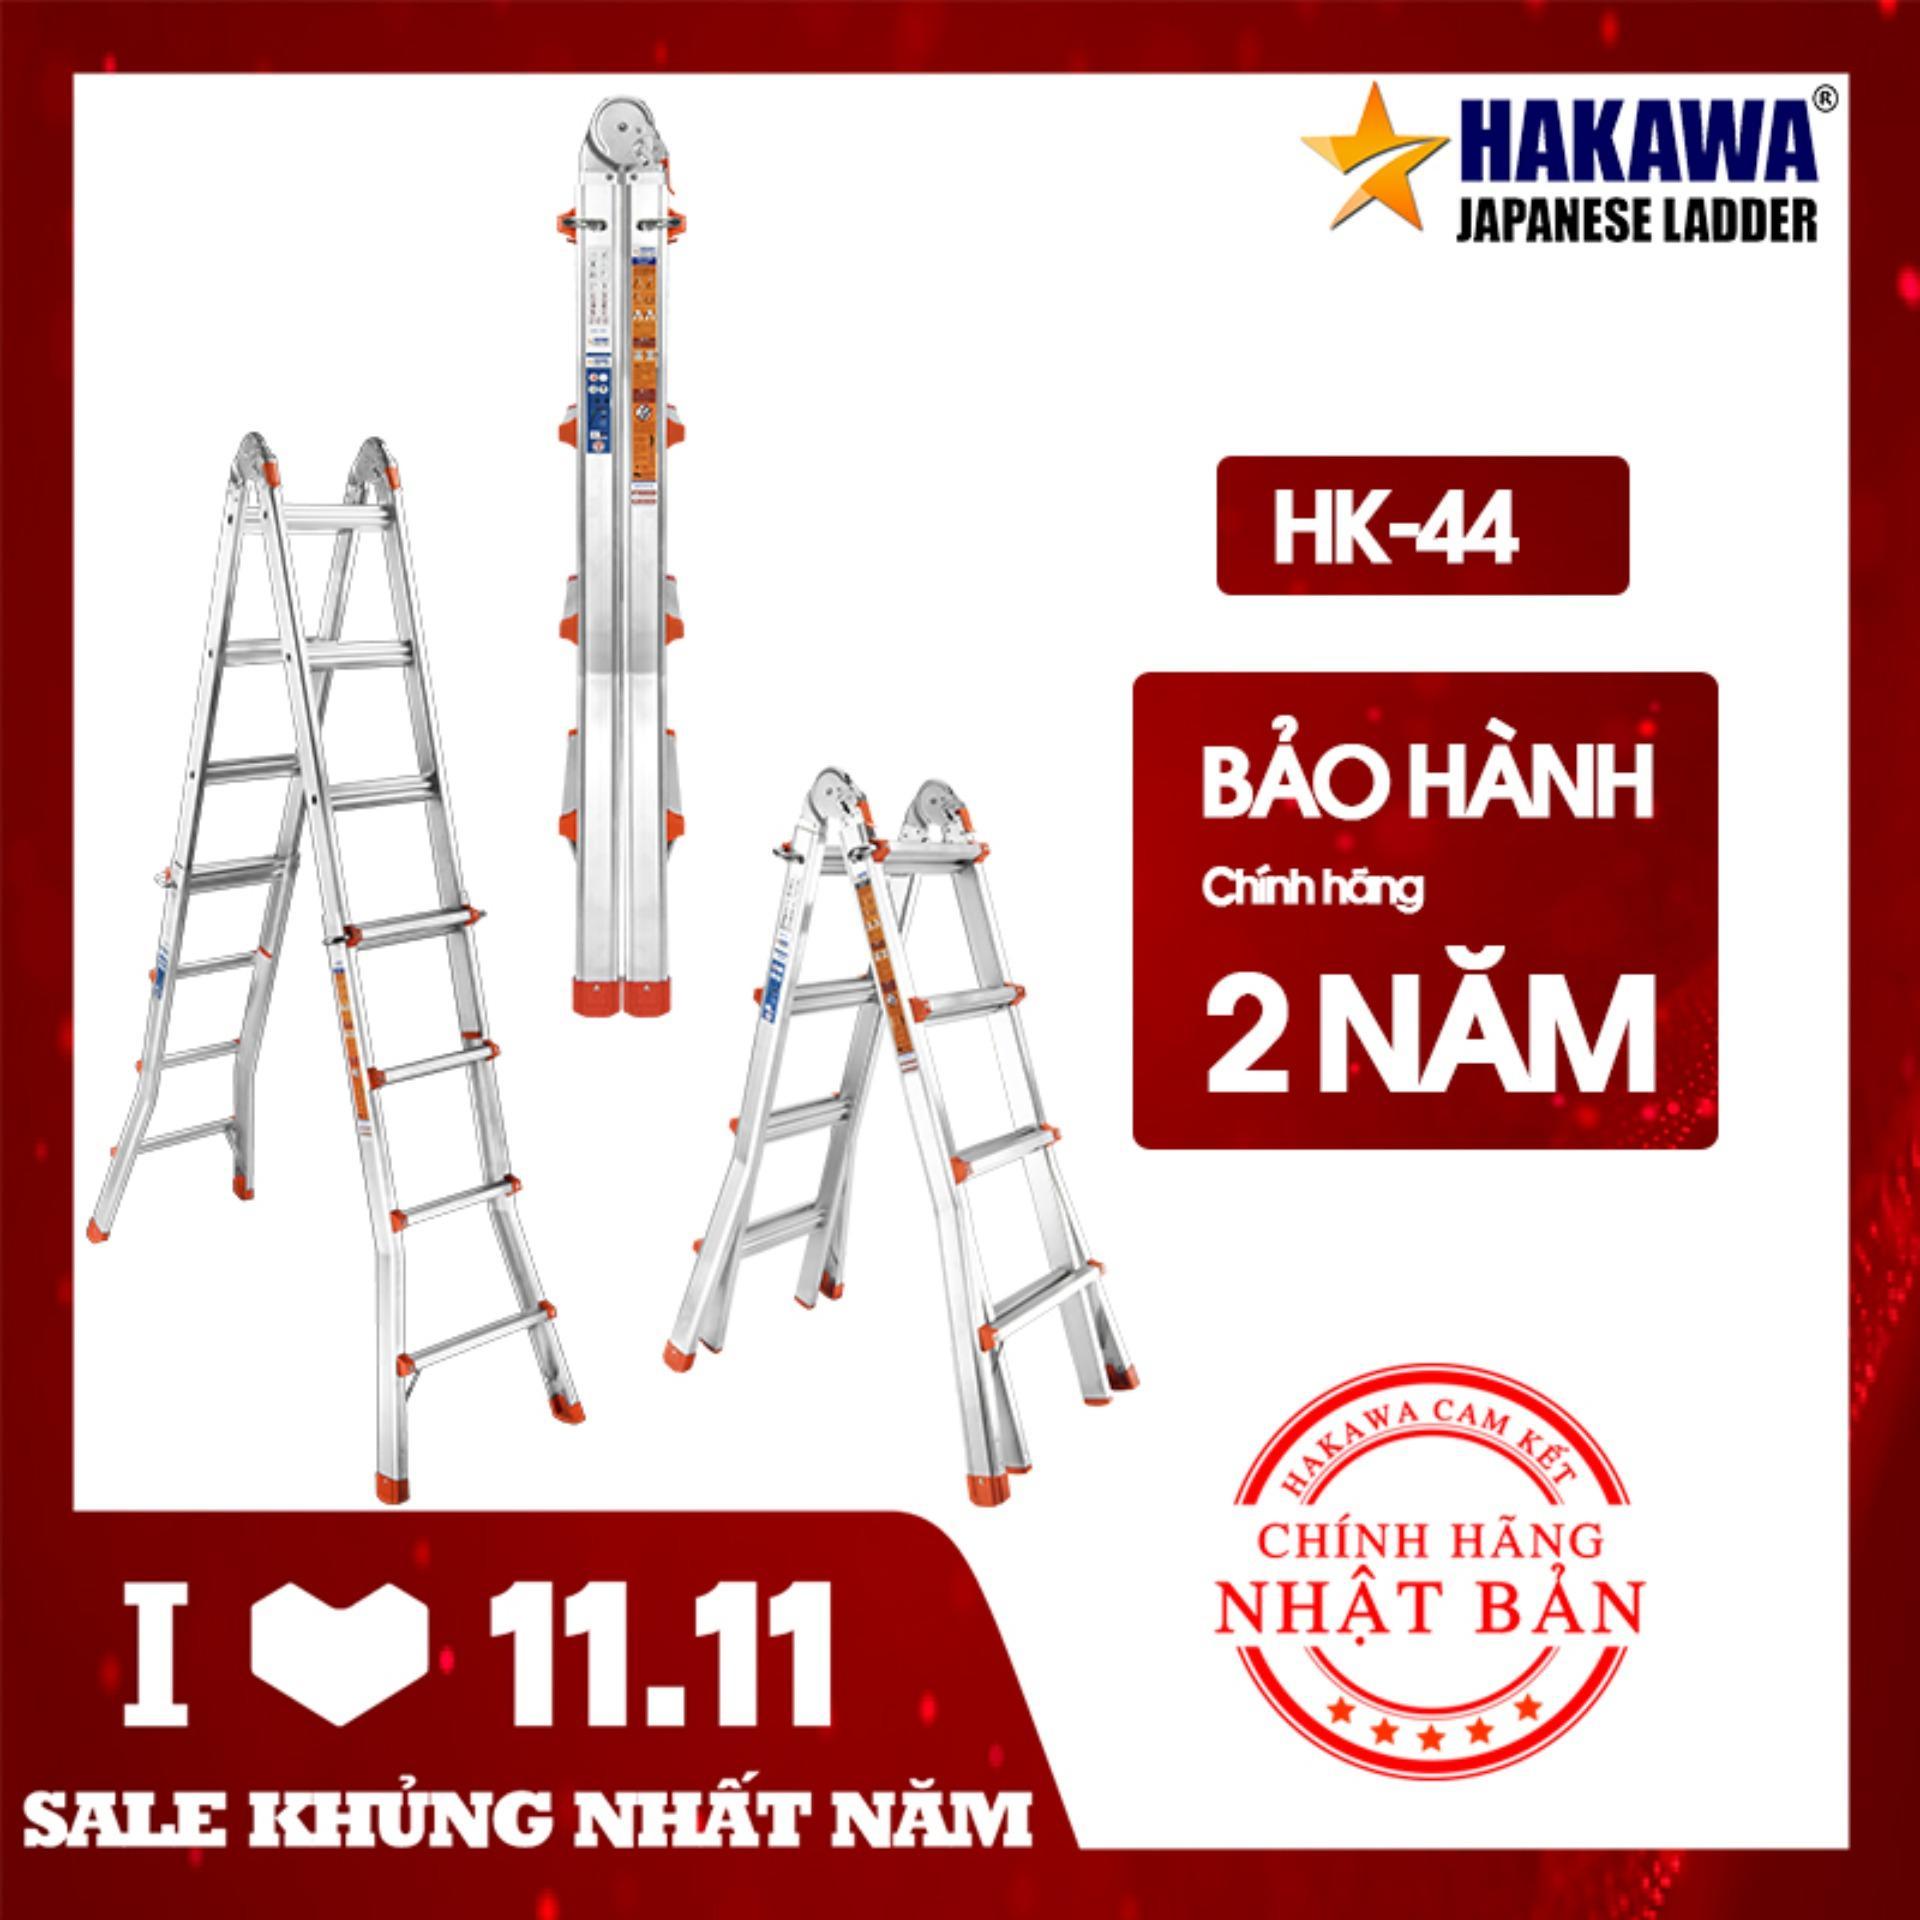 THANG NHÔM TRƯỢT NHẬT BẢN - HAKAWA HK 44 - PHÂN PHỐI CHÍNH HÃNG